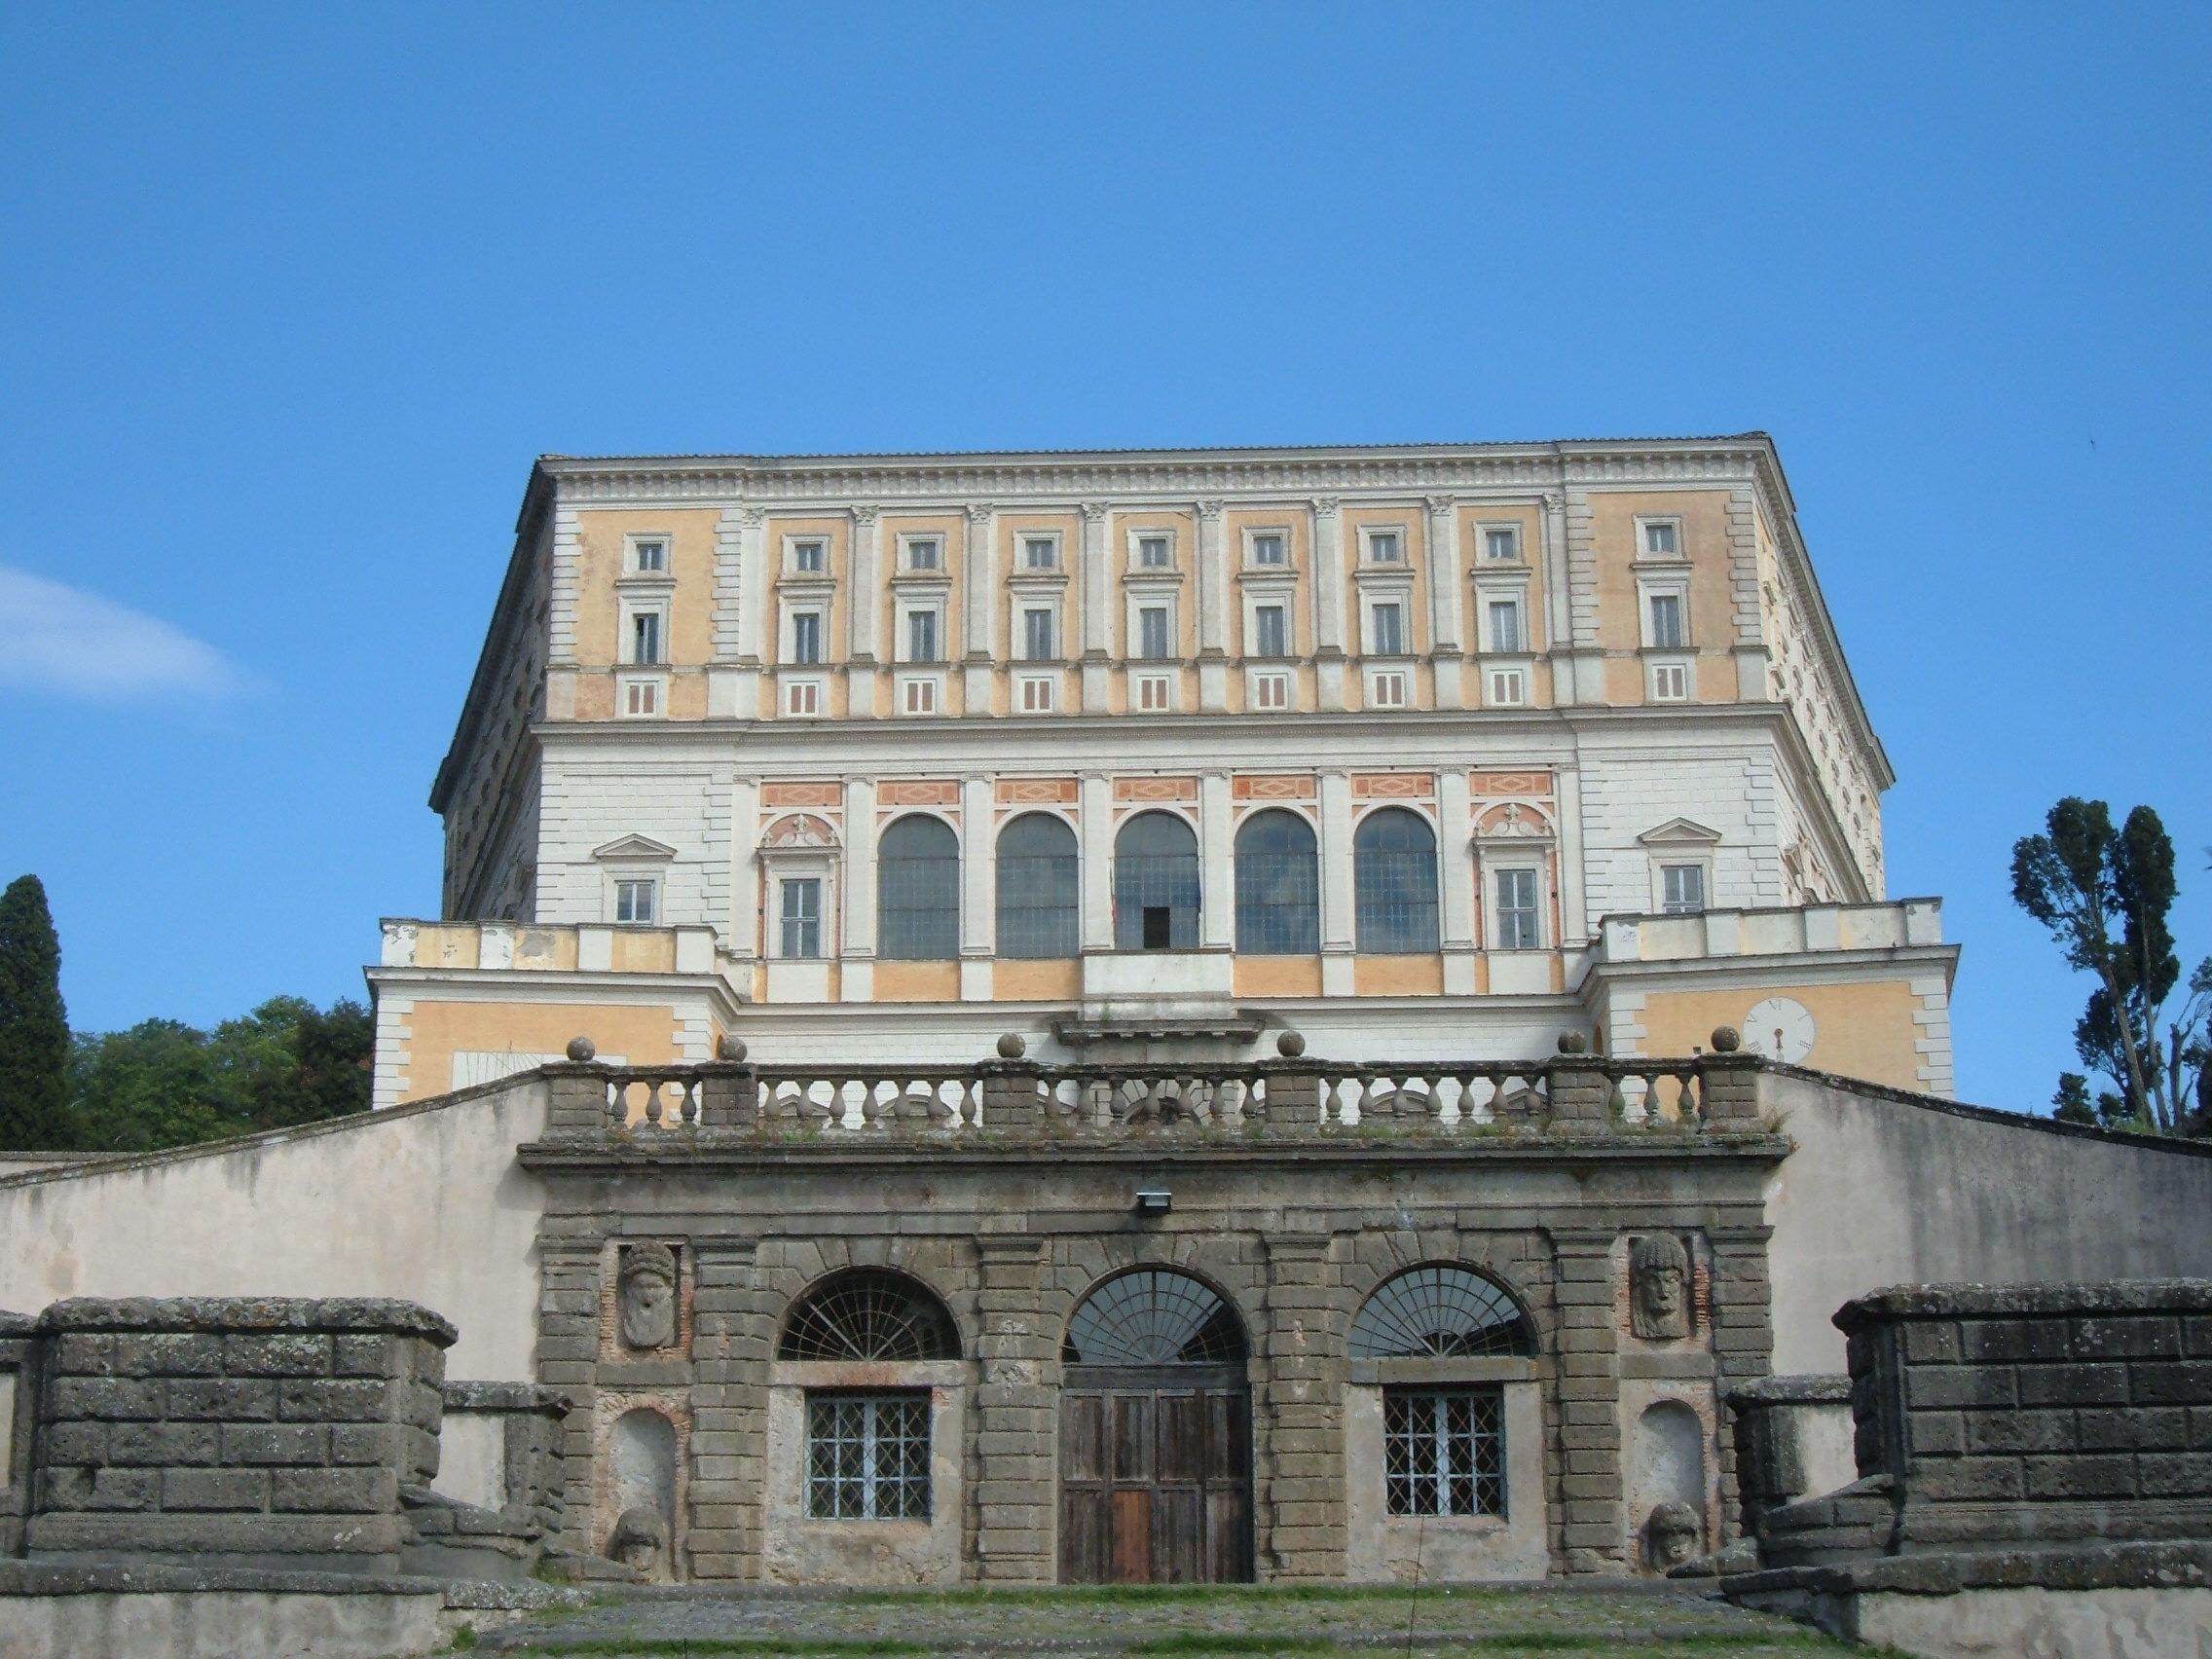 palazzo-farnese-06-caprarola-